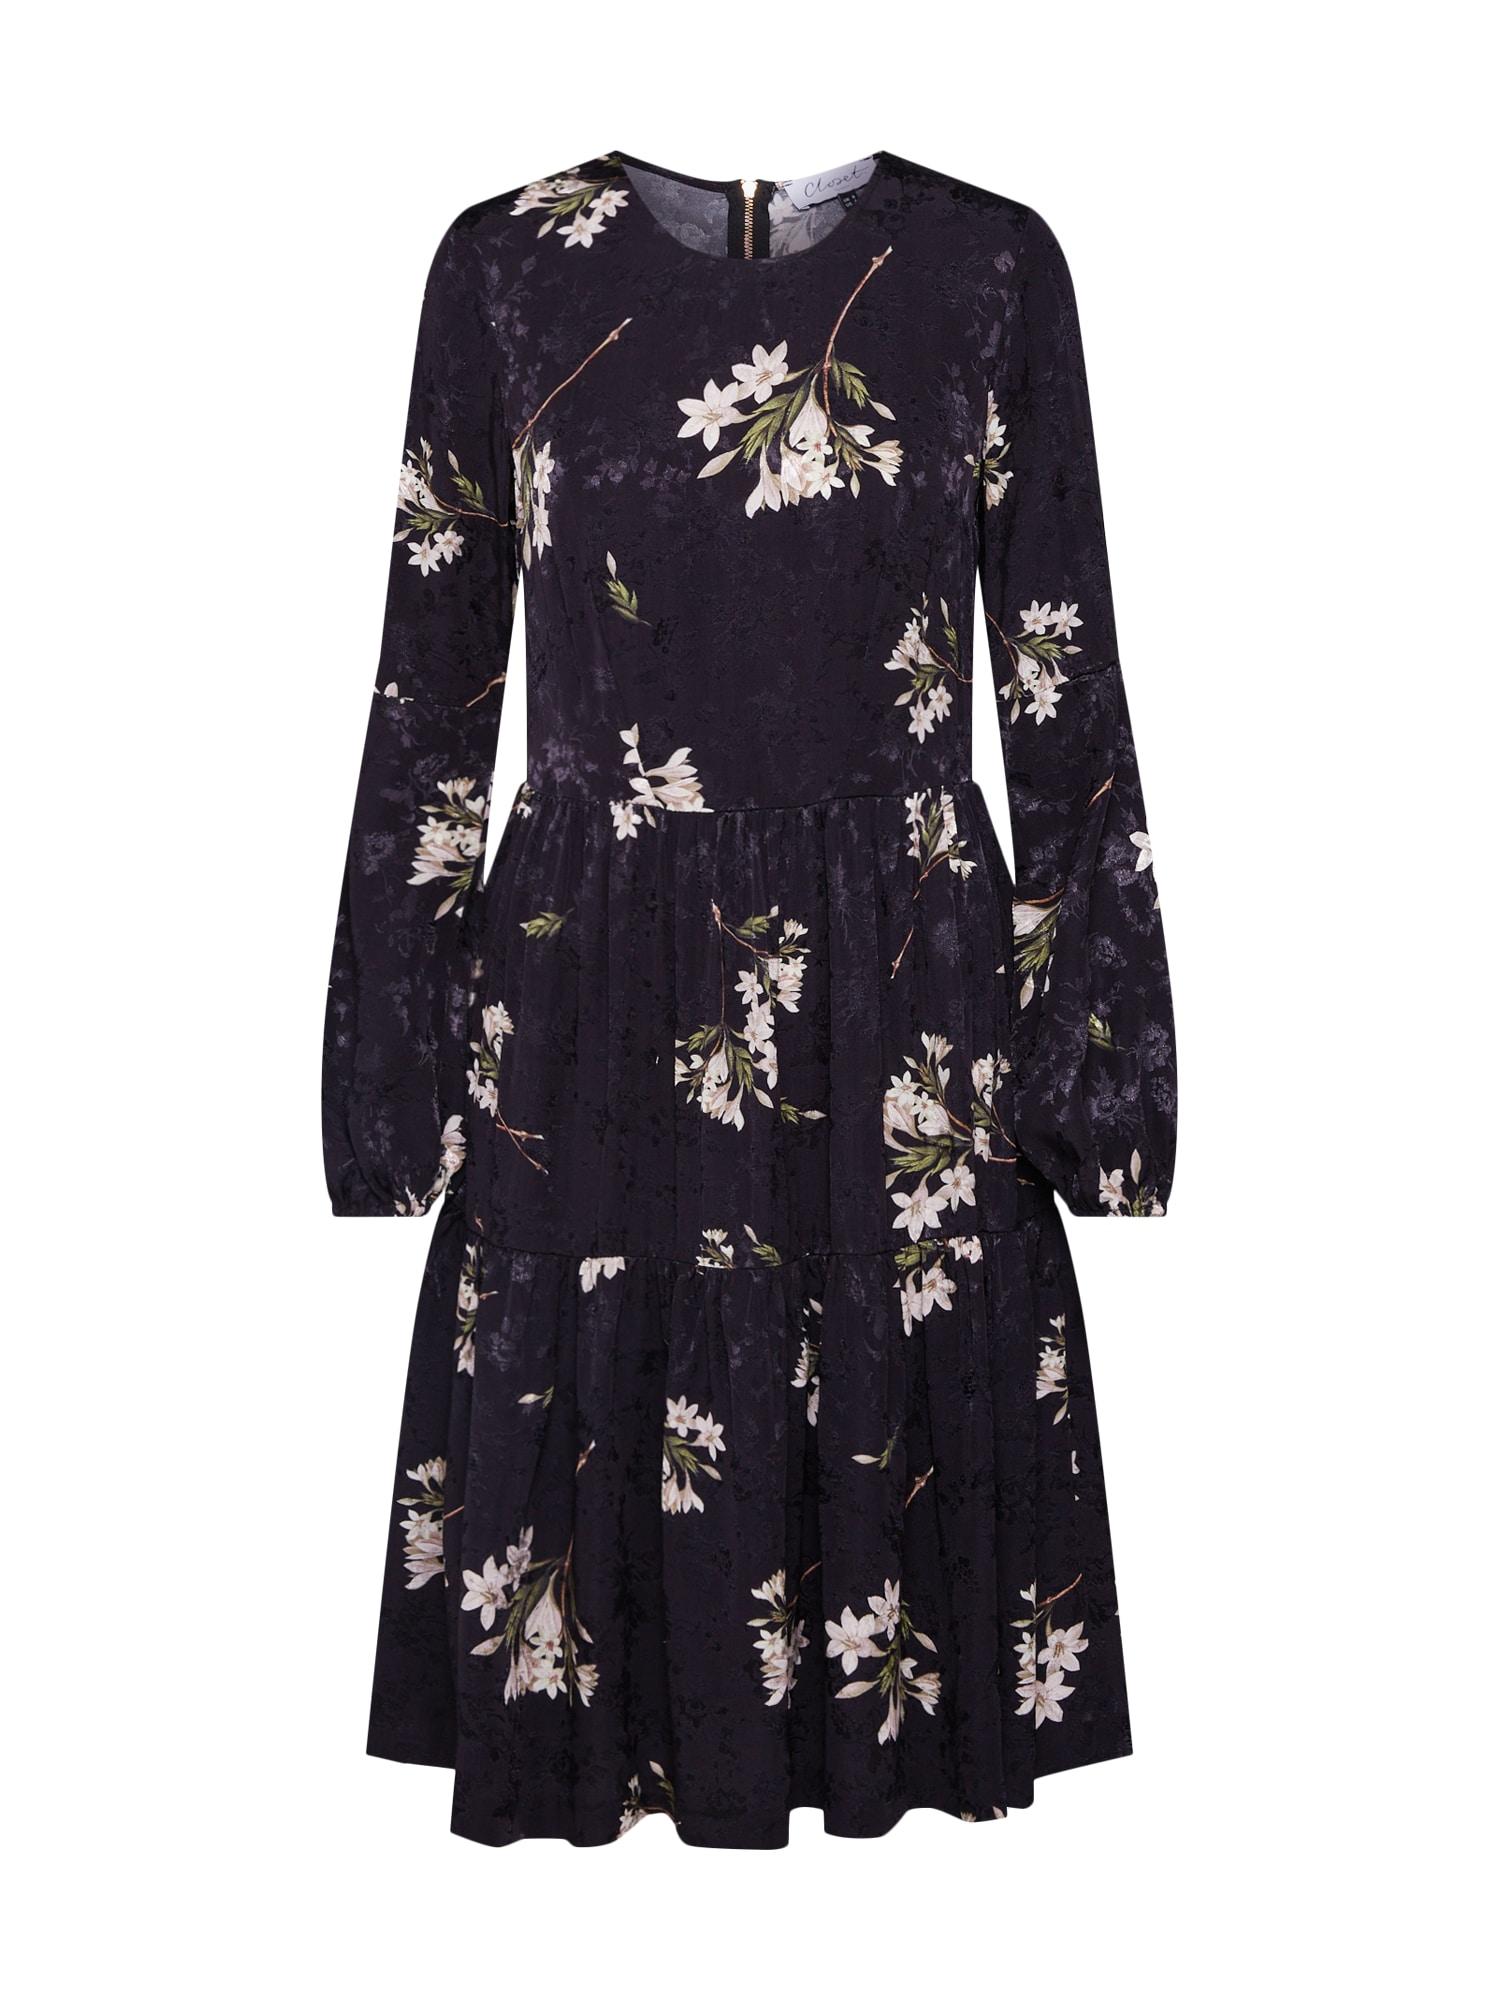 Šaty Closet Gathered černá Closet London